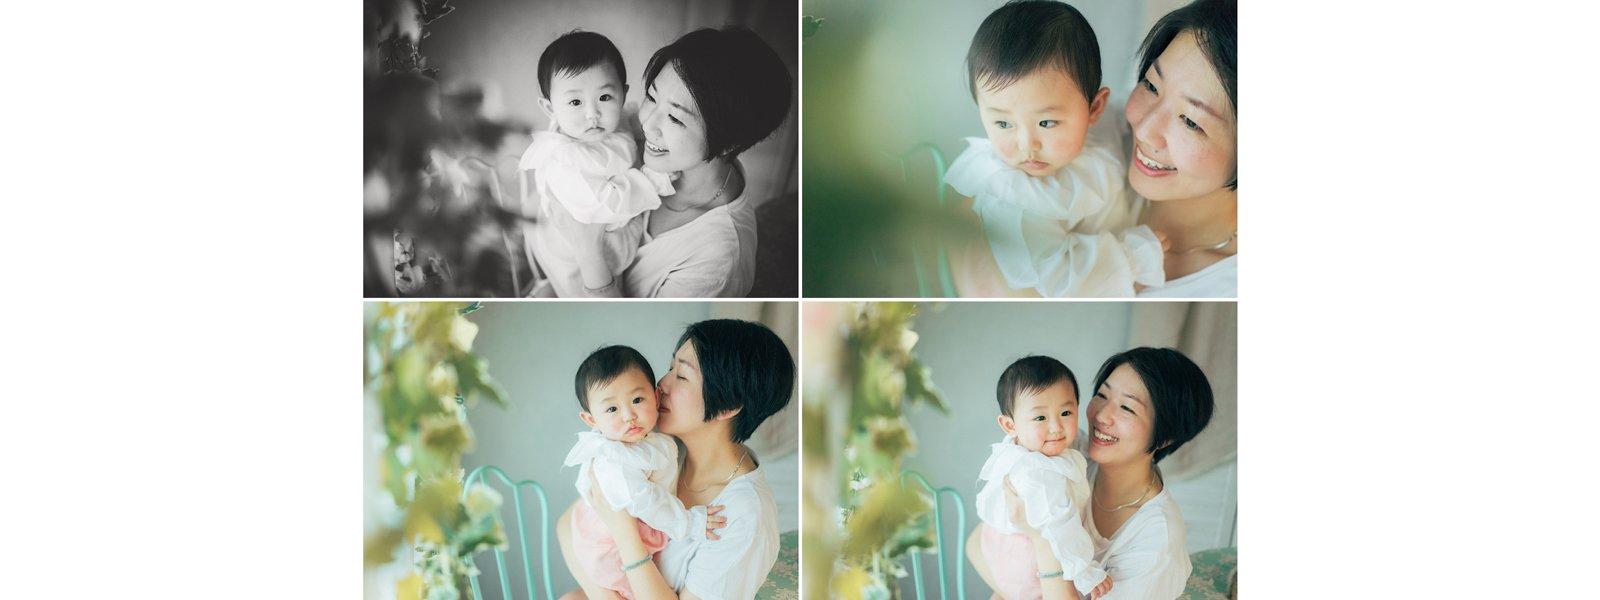 半歲大嬰兒與母親